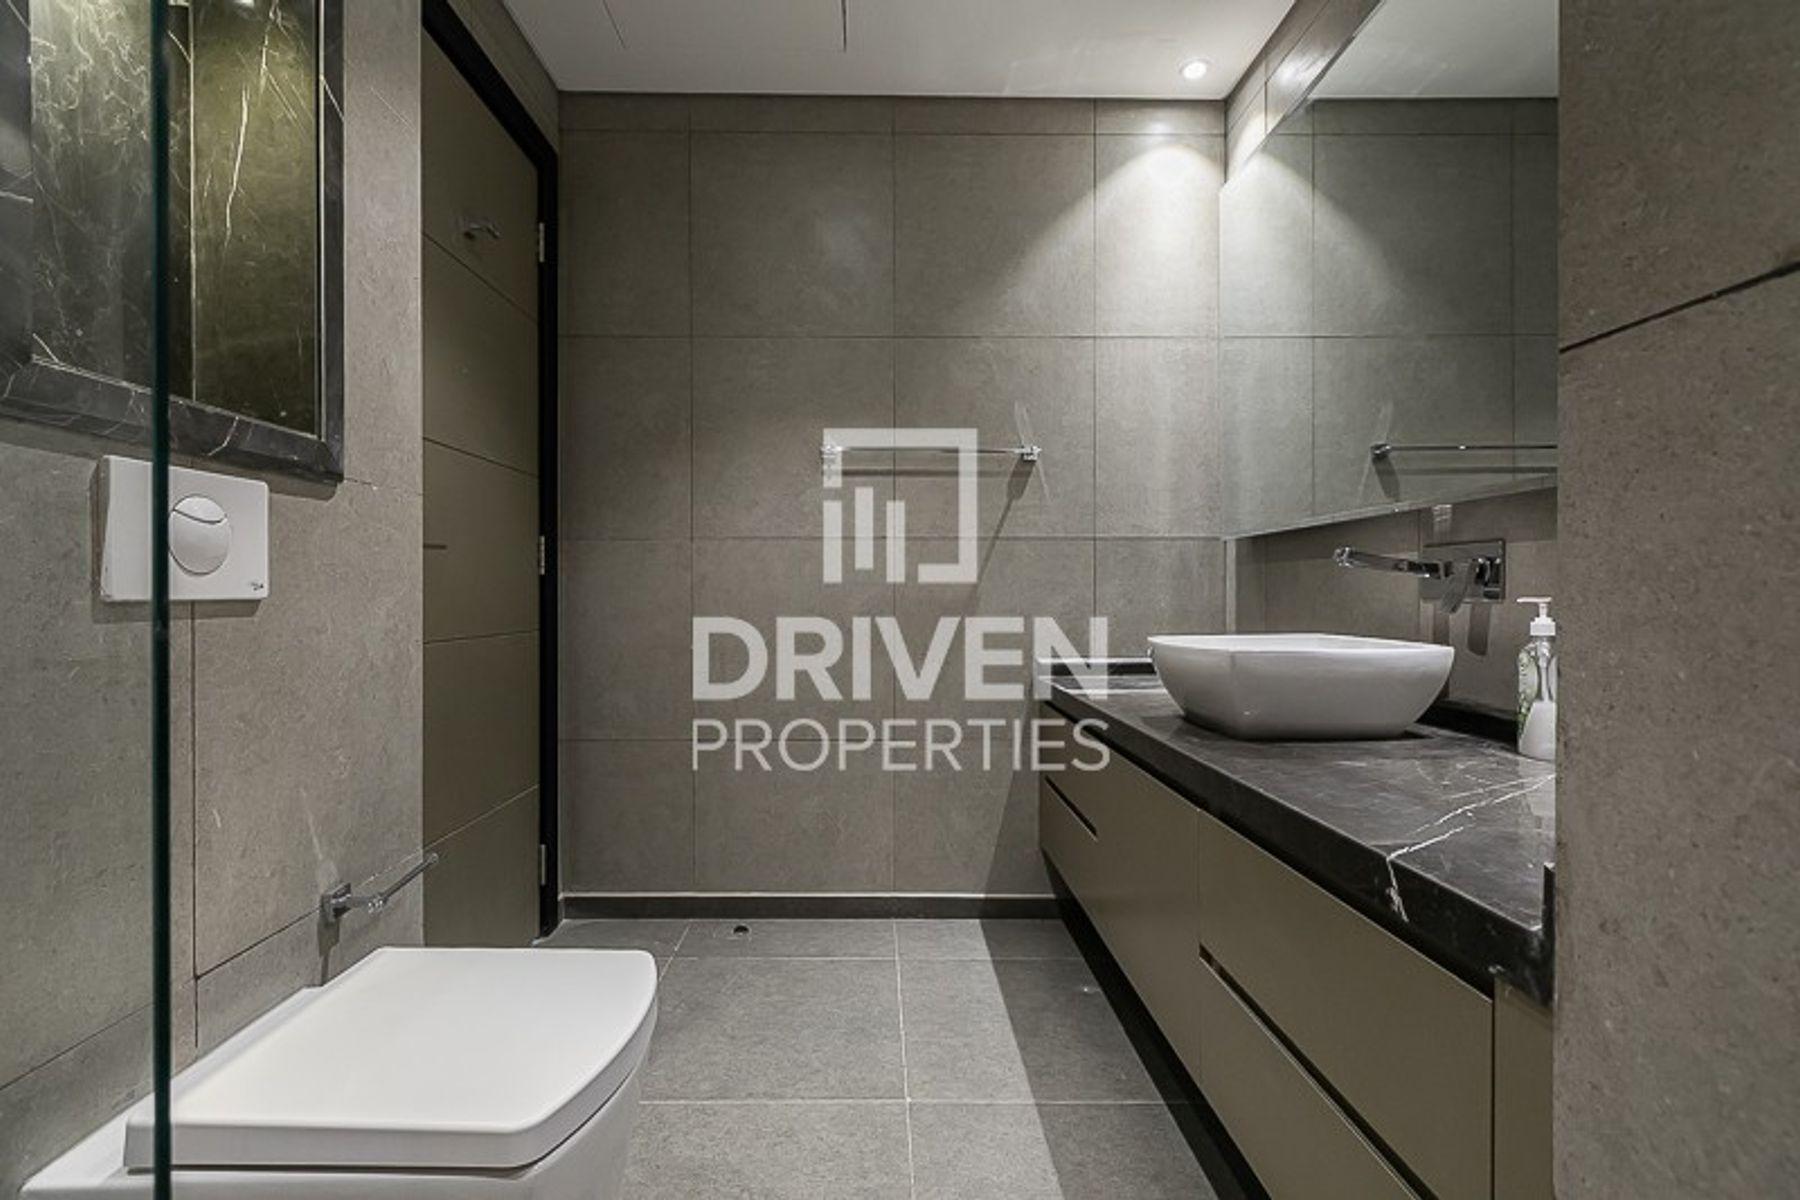 للبيع - شقة - جاليريز في ميدان افينيو - ميدان